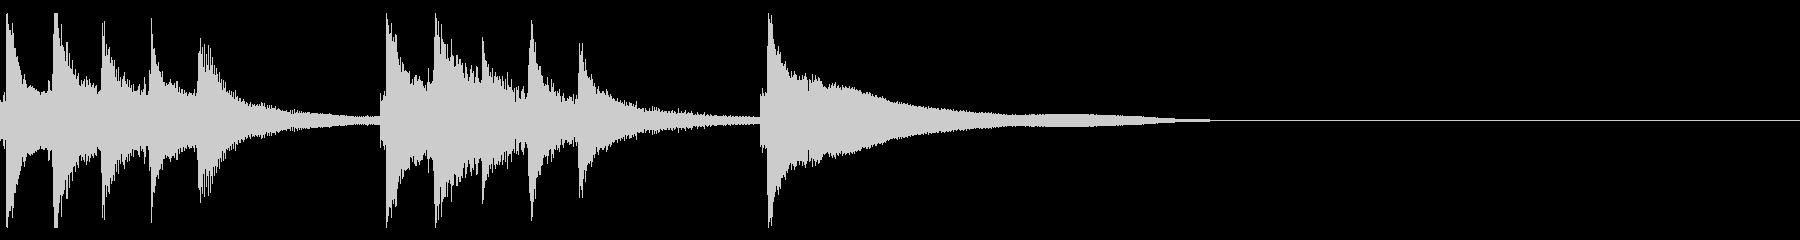 お琴の定番ジングル02の未再生の波形